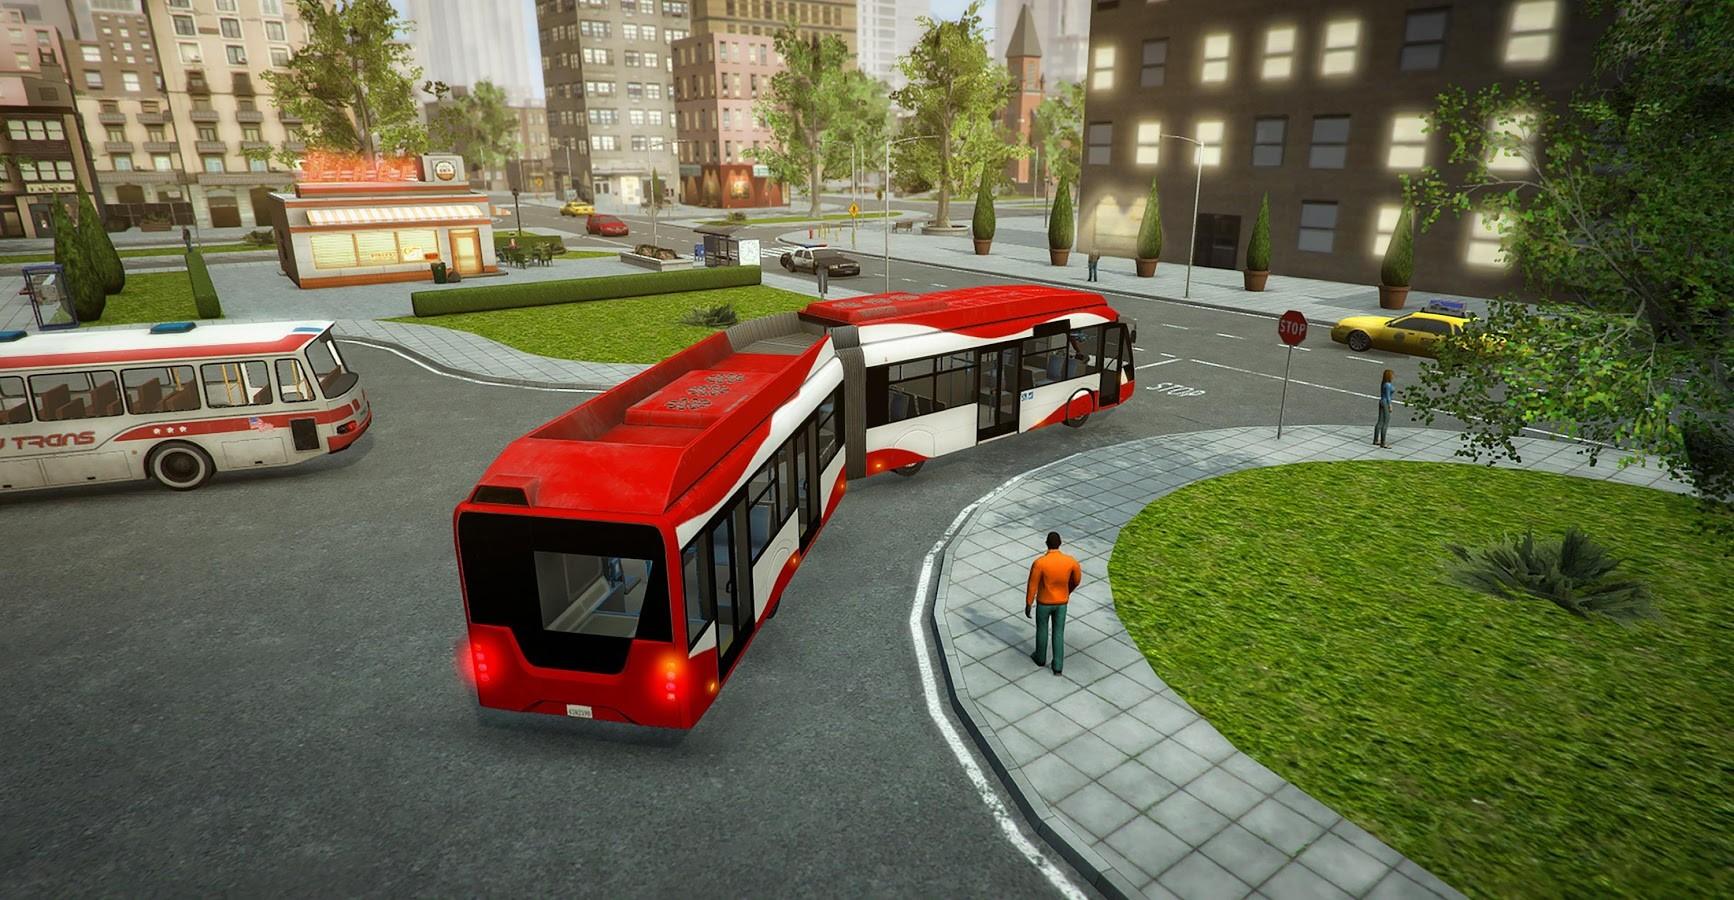 Bus Simulator PRO 2017 Apk Mod